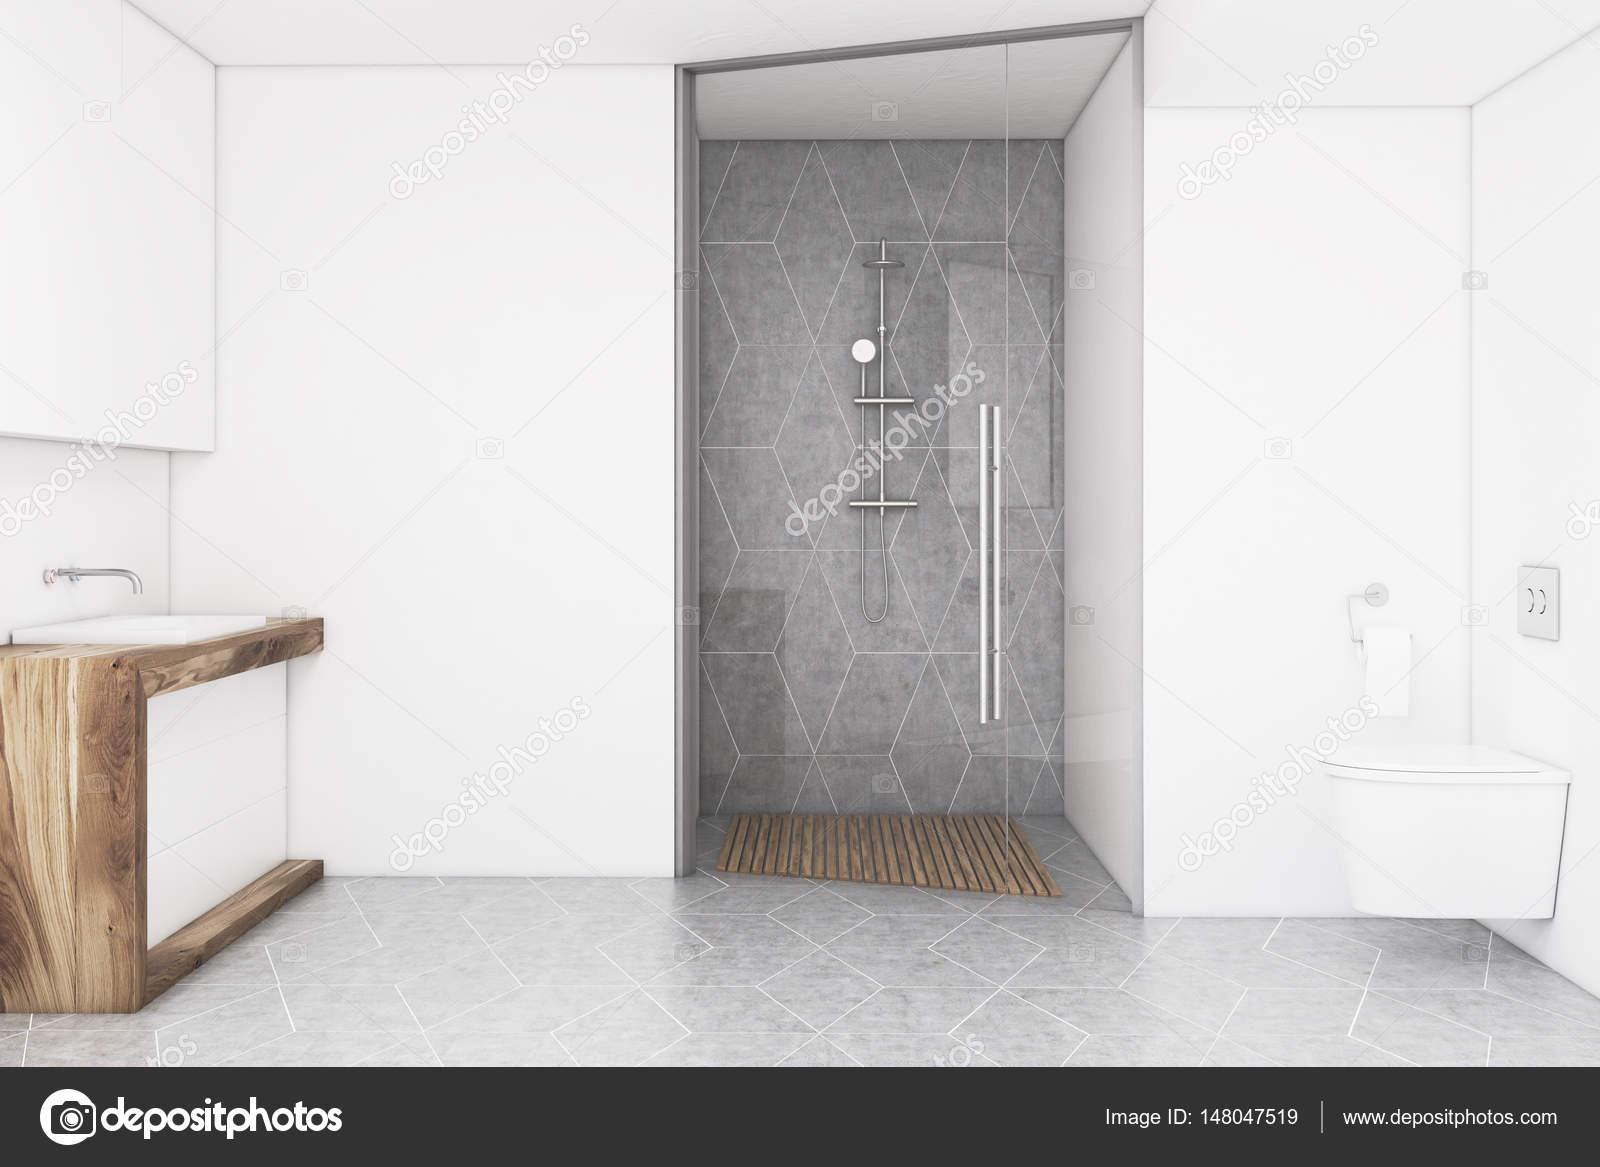 Badezimmer mit einer weißen Wand und eine Glastür — Stockfoto ...